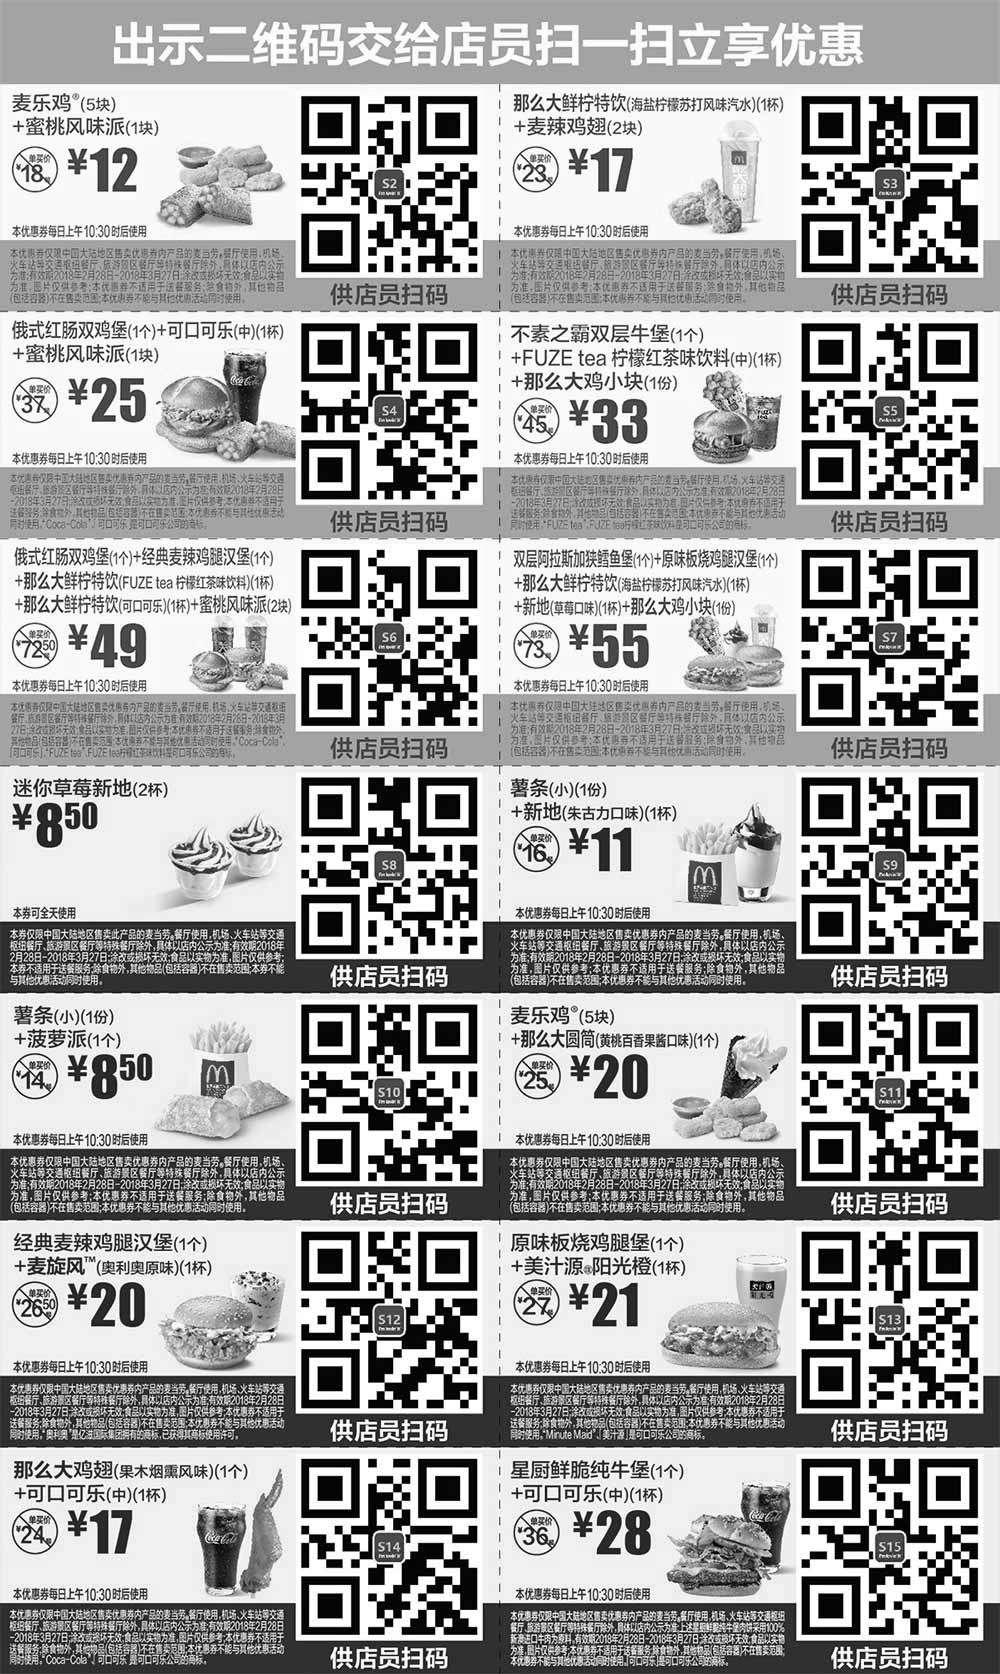 黑白优惠券图片:麦当劳优惠券2018年3月份手机版整张版本,点餐出示给店员扫码享优惠 - www.5ikfc.com